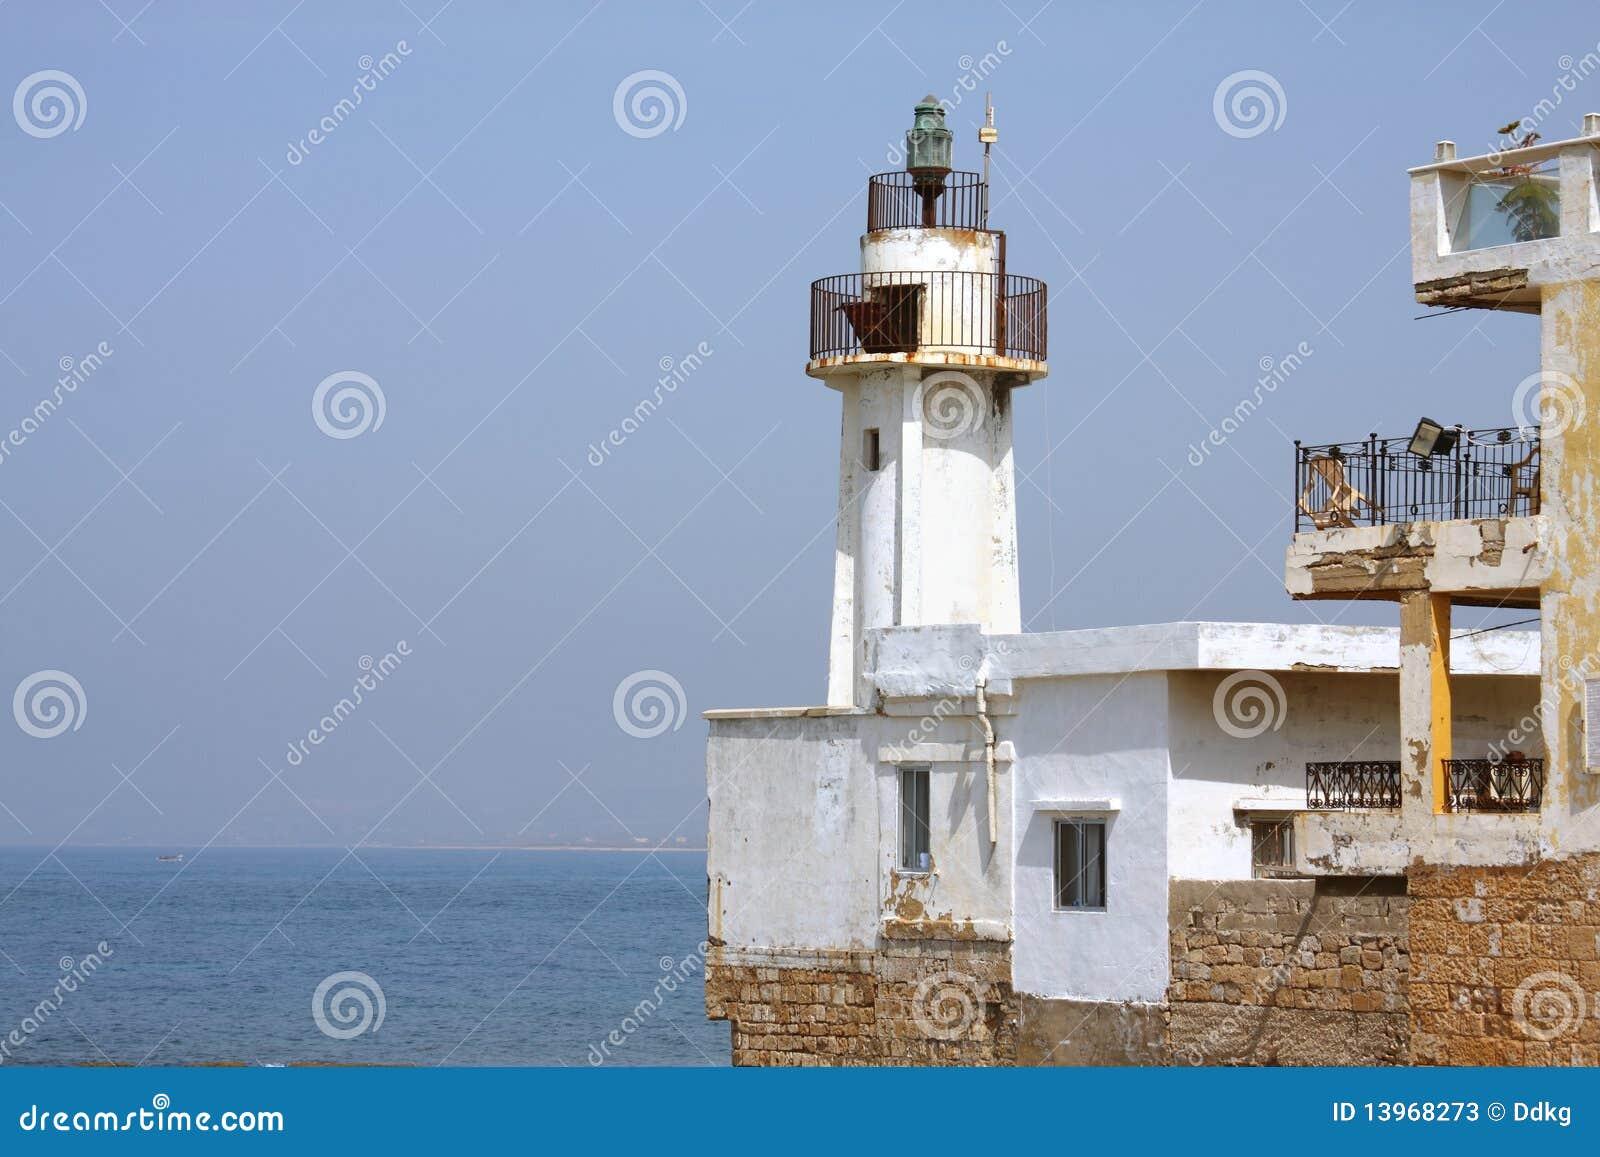 Der alte Leuchtturm (Fanar) im Reifen, der Libanon